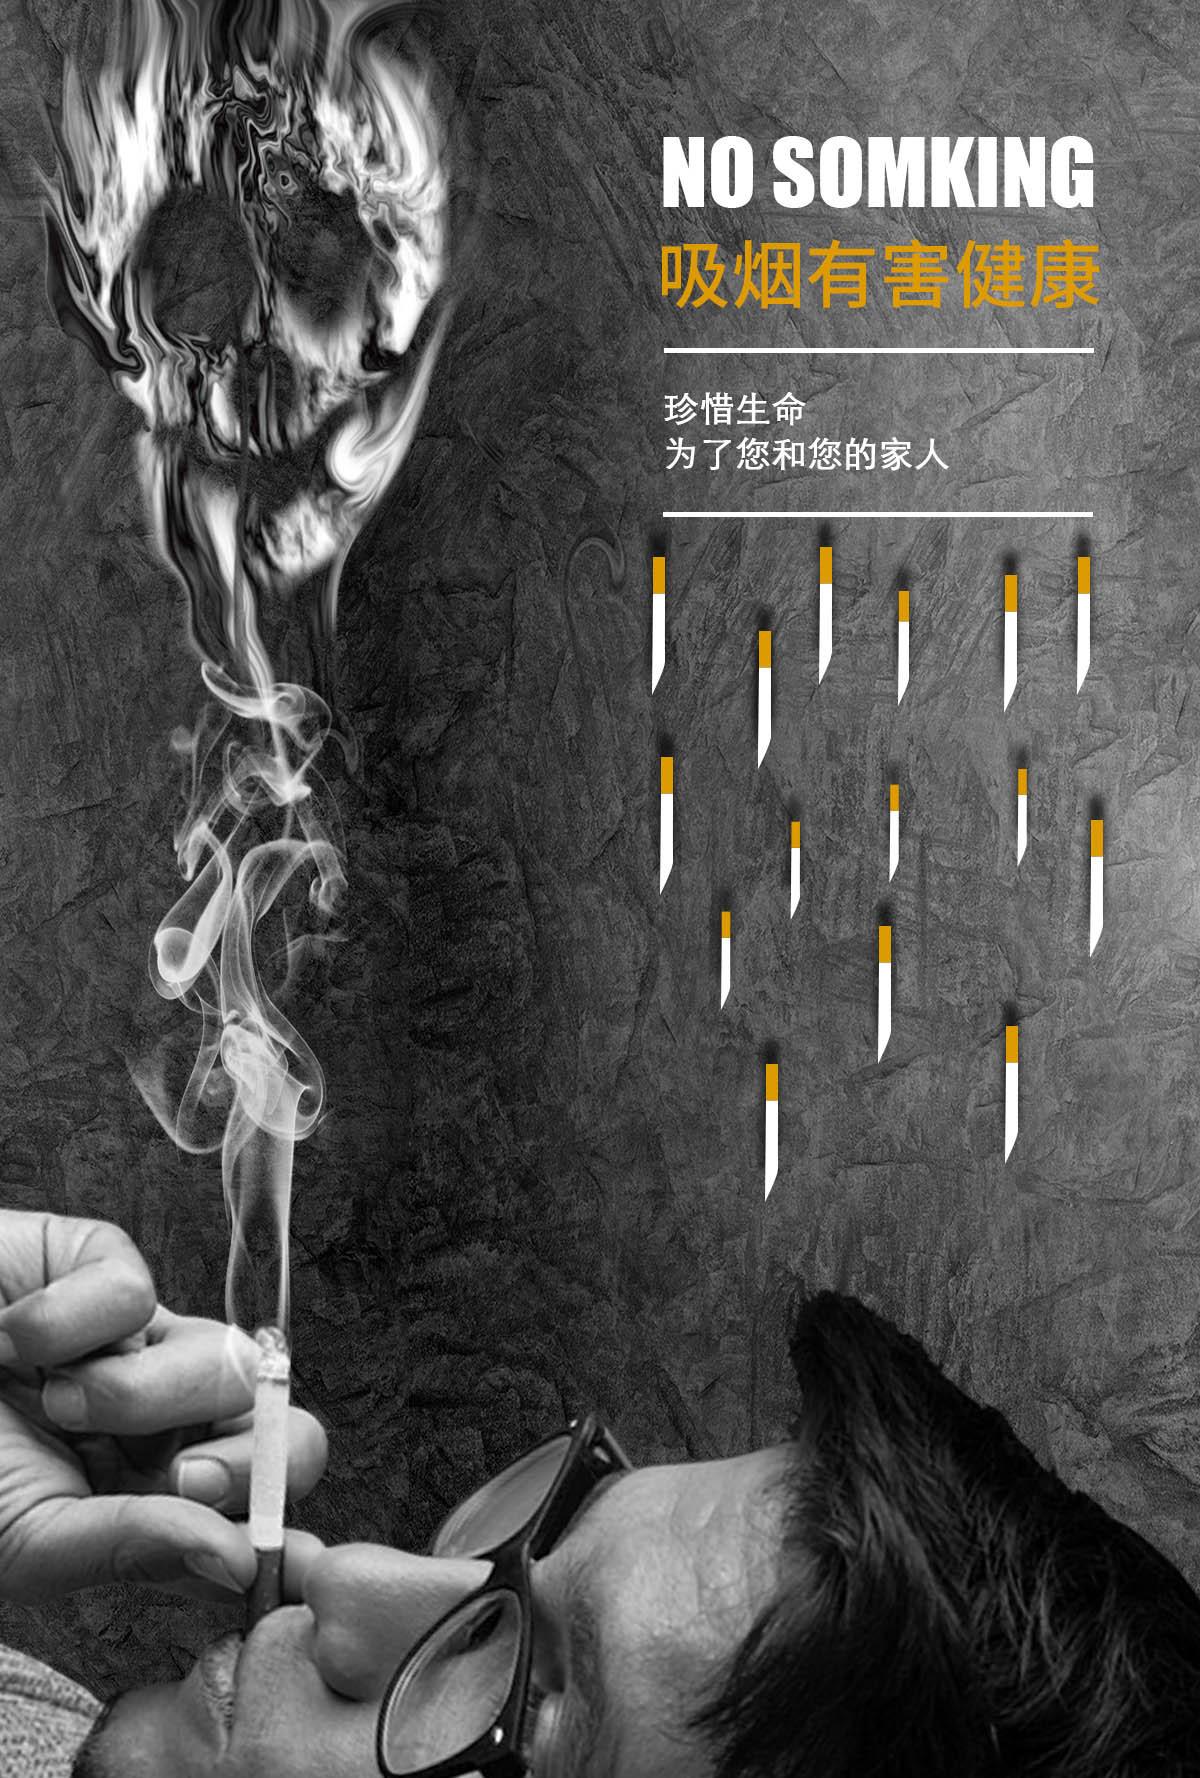 公益广告|平面|海报|托尼东东 - 原创作品 - 站酷图片